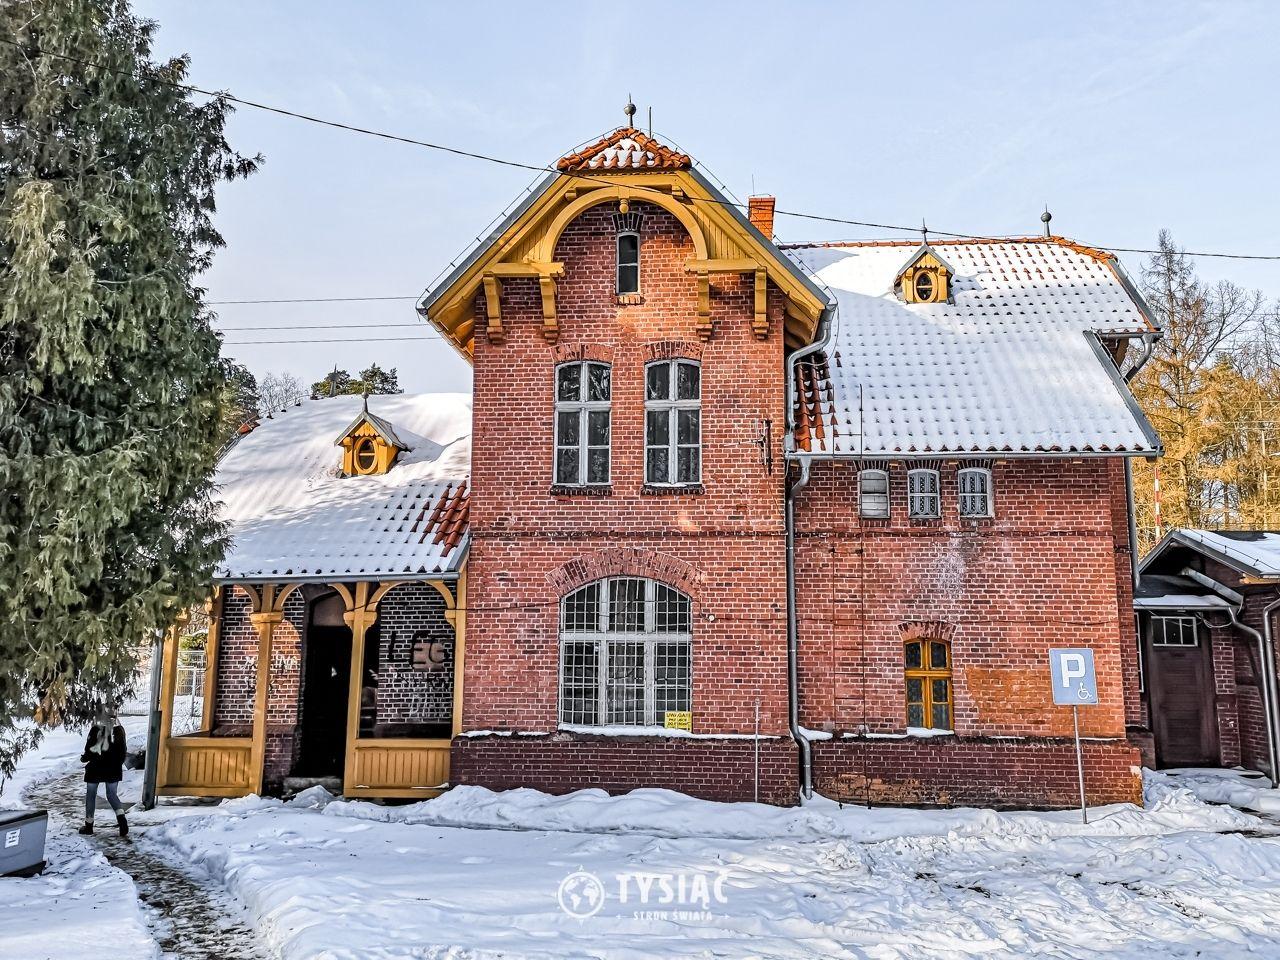 Stare Jabłonki - stacja kolejowa